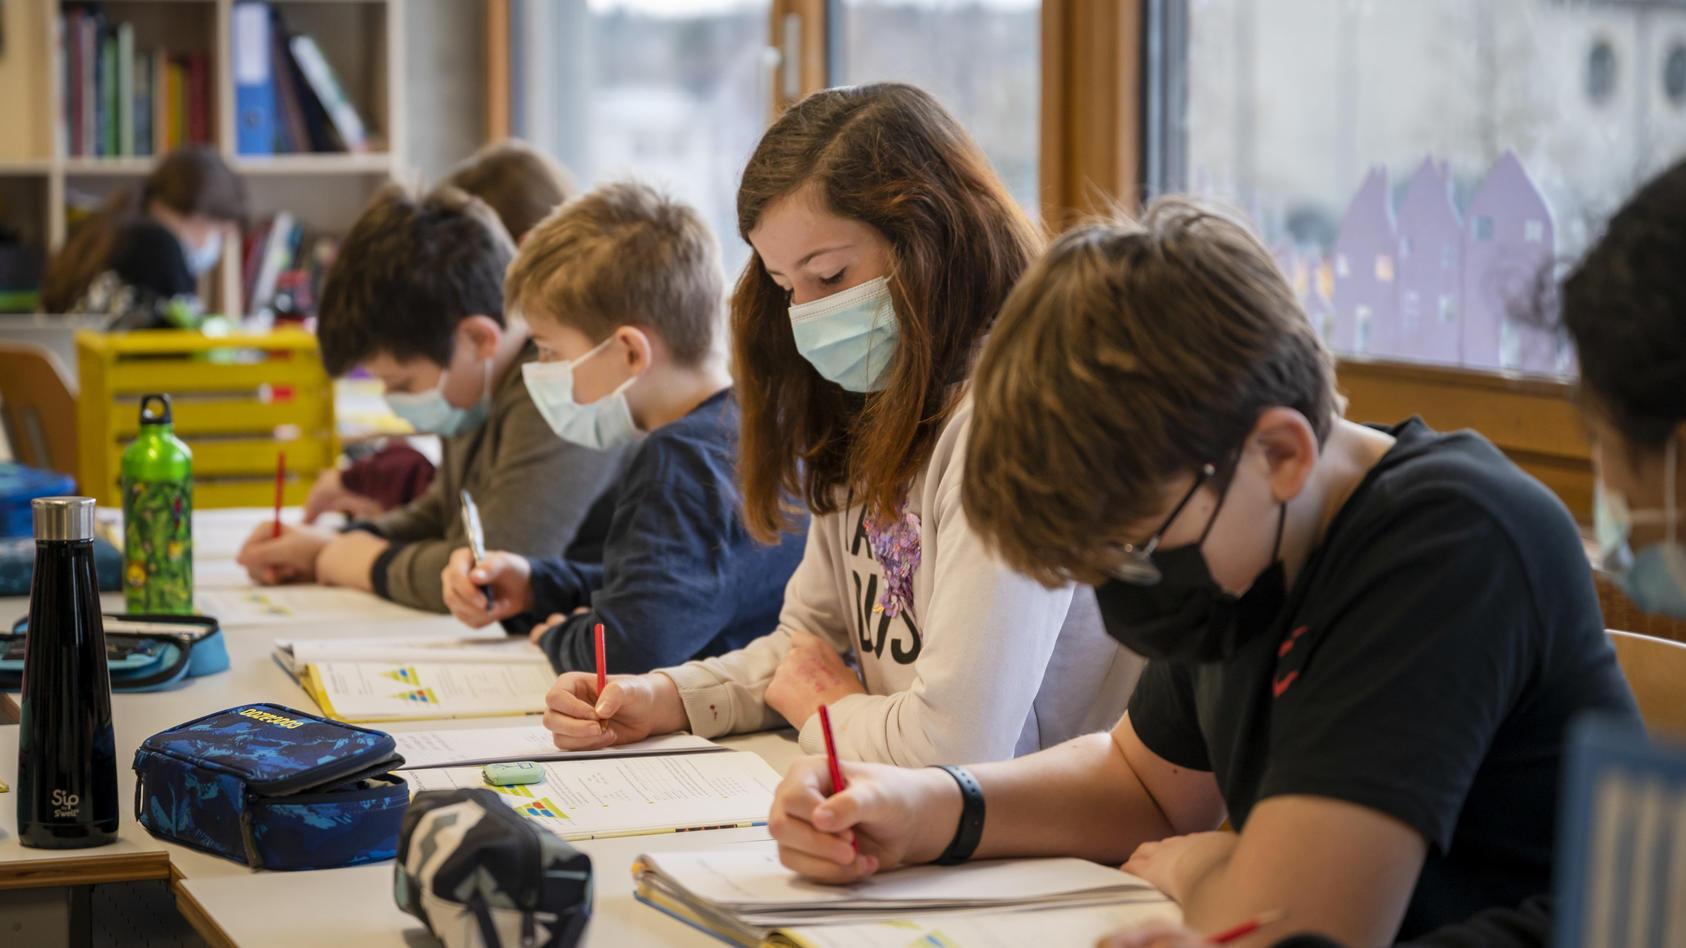 Schüler sollen durch flächendeckend eingesetzte Luftfilter zukünftig besser geschützt werden.